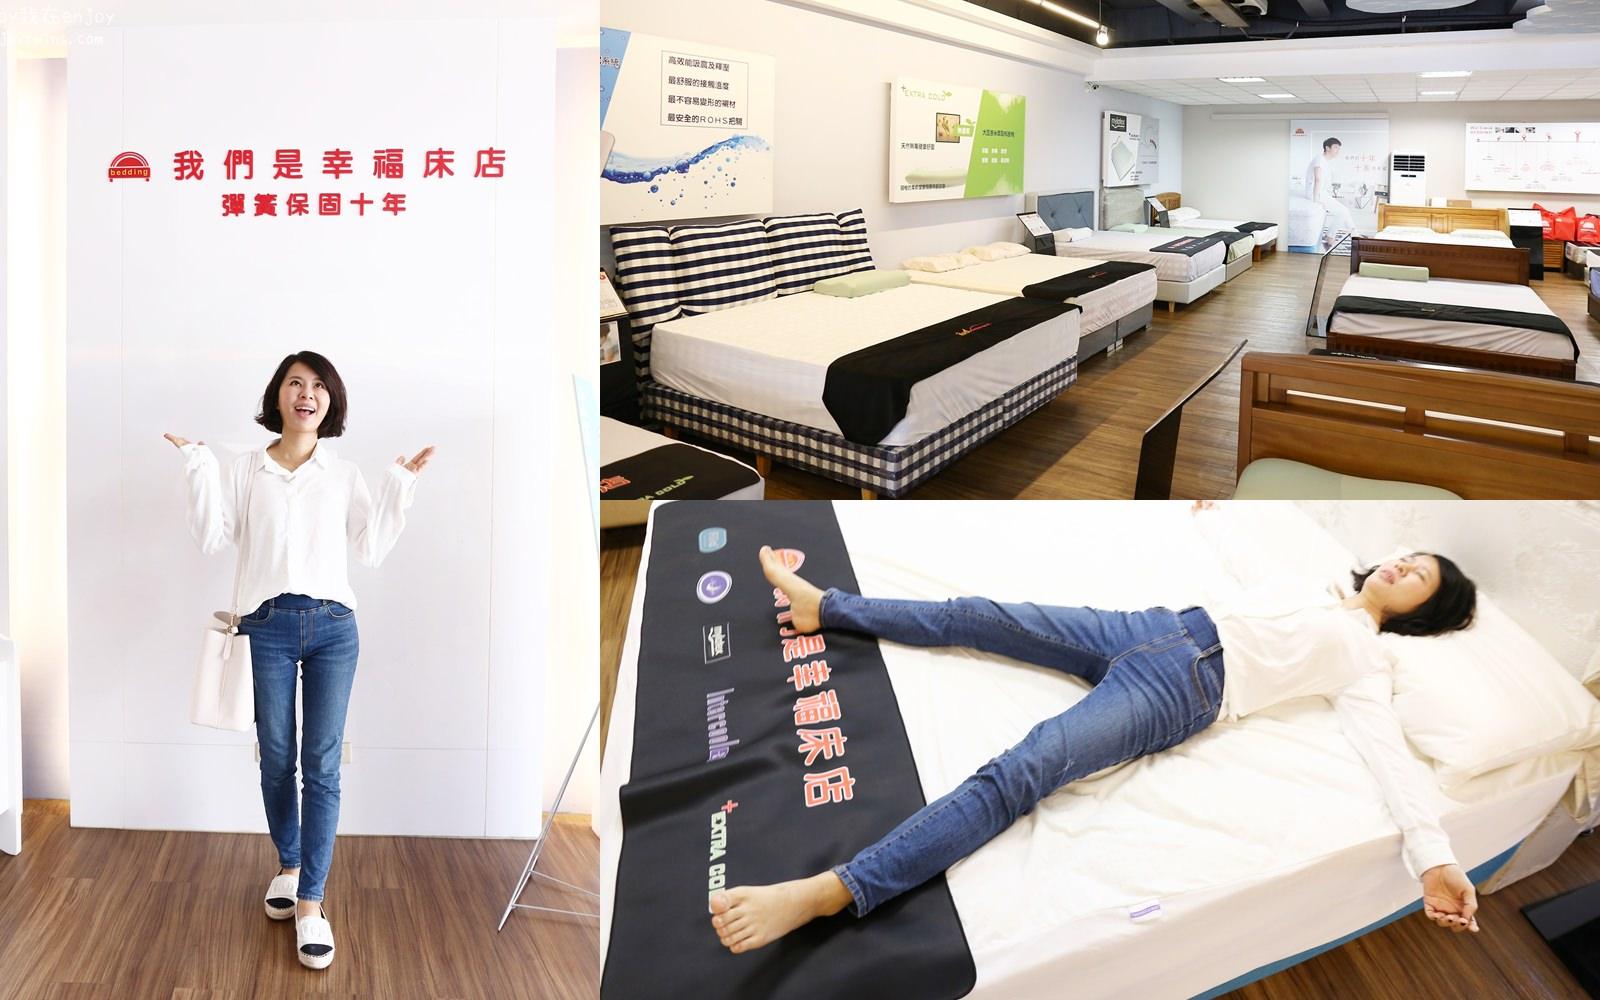 【生活】我們是幸福床店 台灣正港製造 100%客製化 高品質床墊 外銷美國的台灣之光